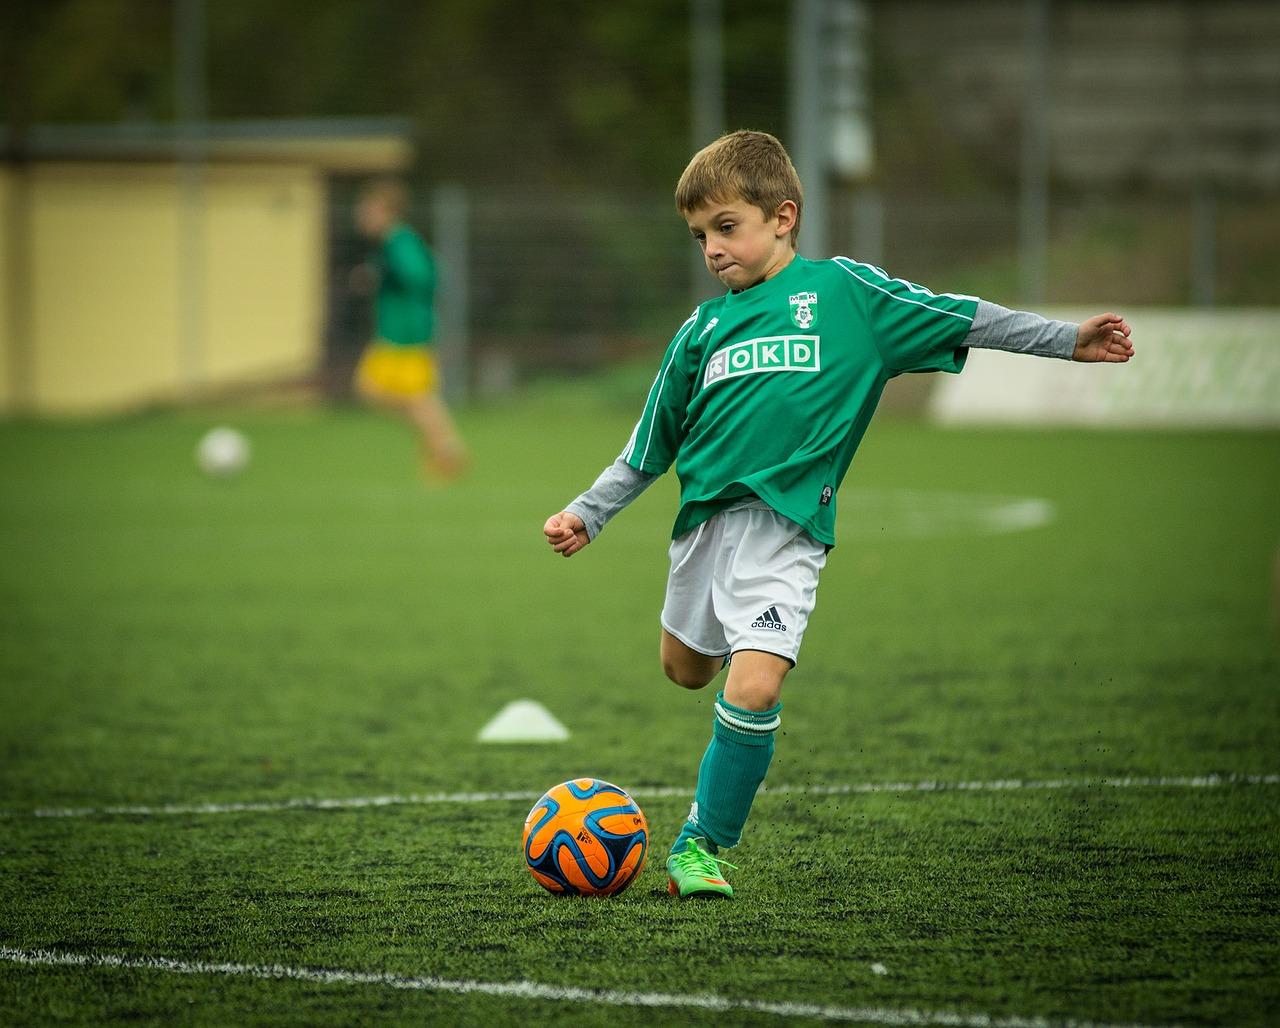 Trop jeune pour commencer la musculation?